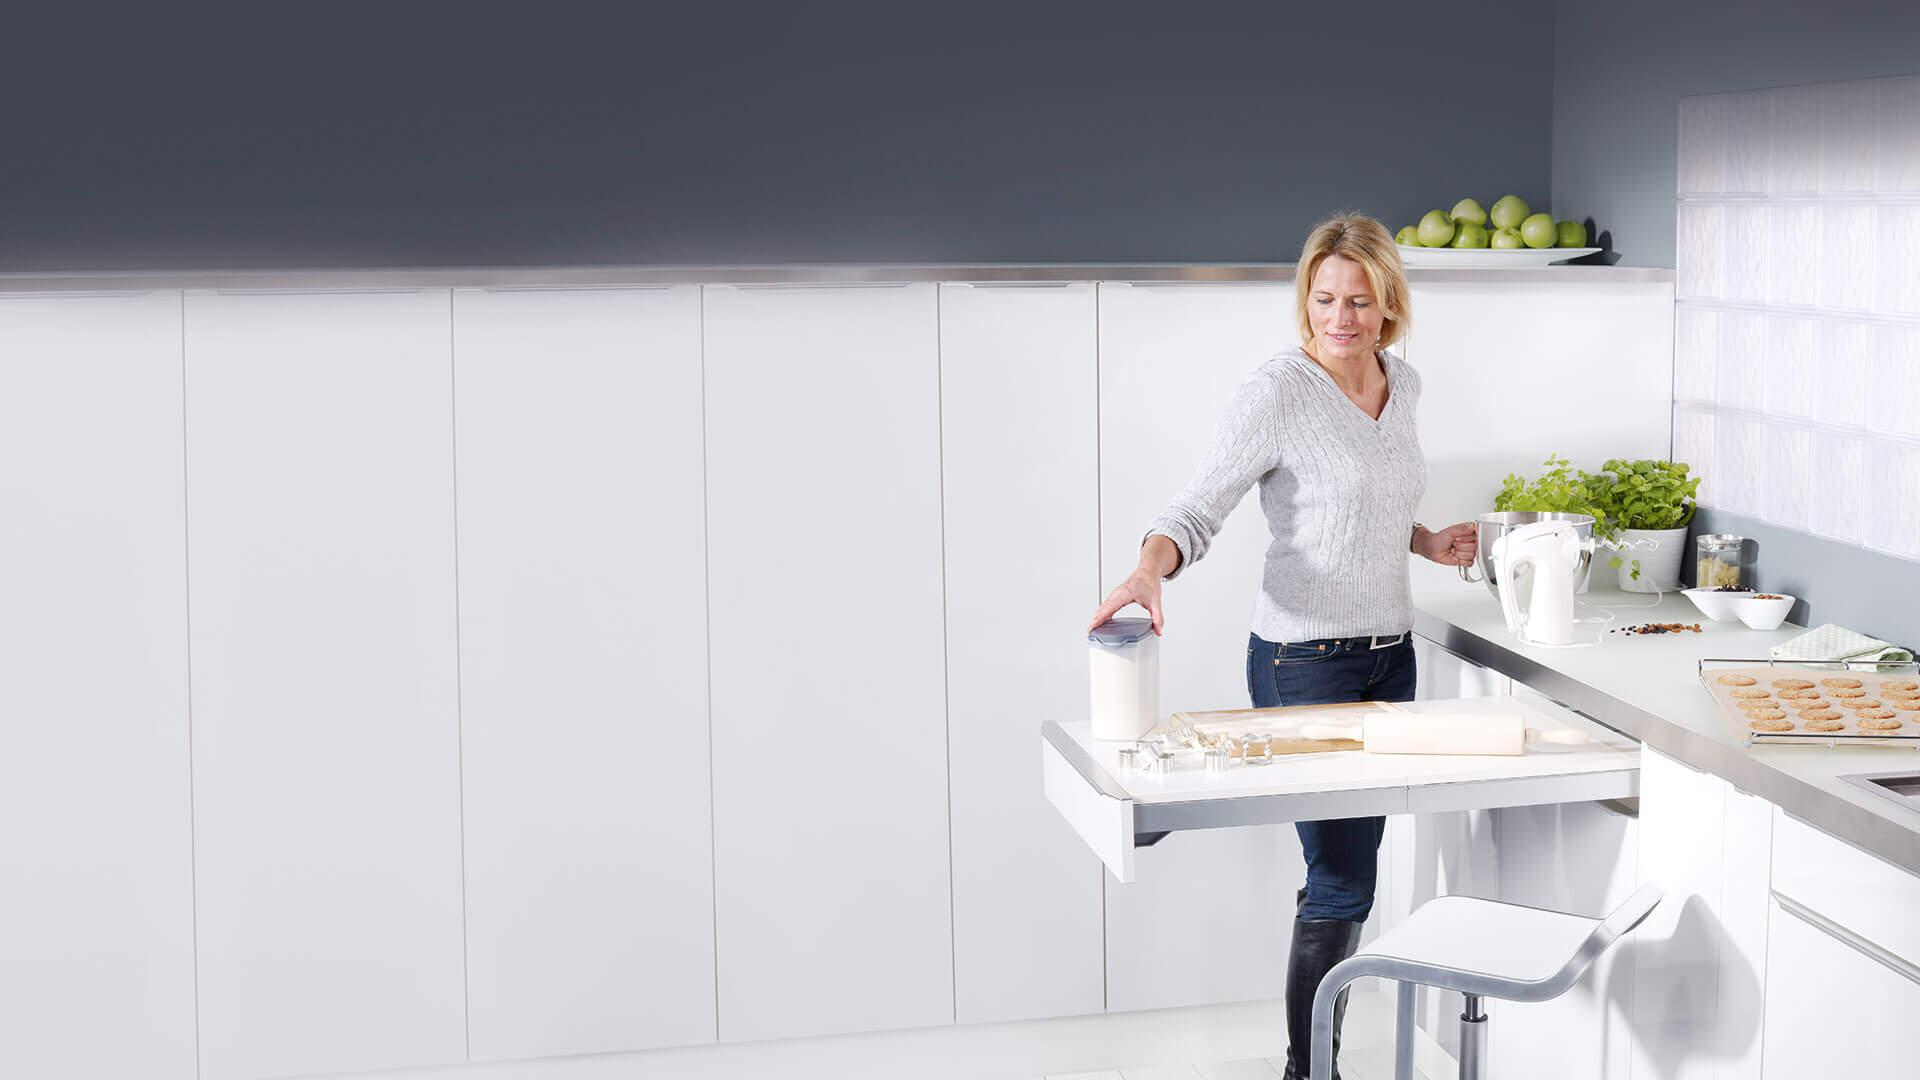 Ausziehtisch als zusätzliche Arbeitsfläche in der Küche